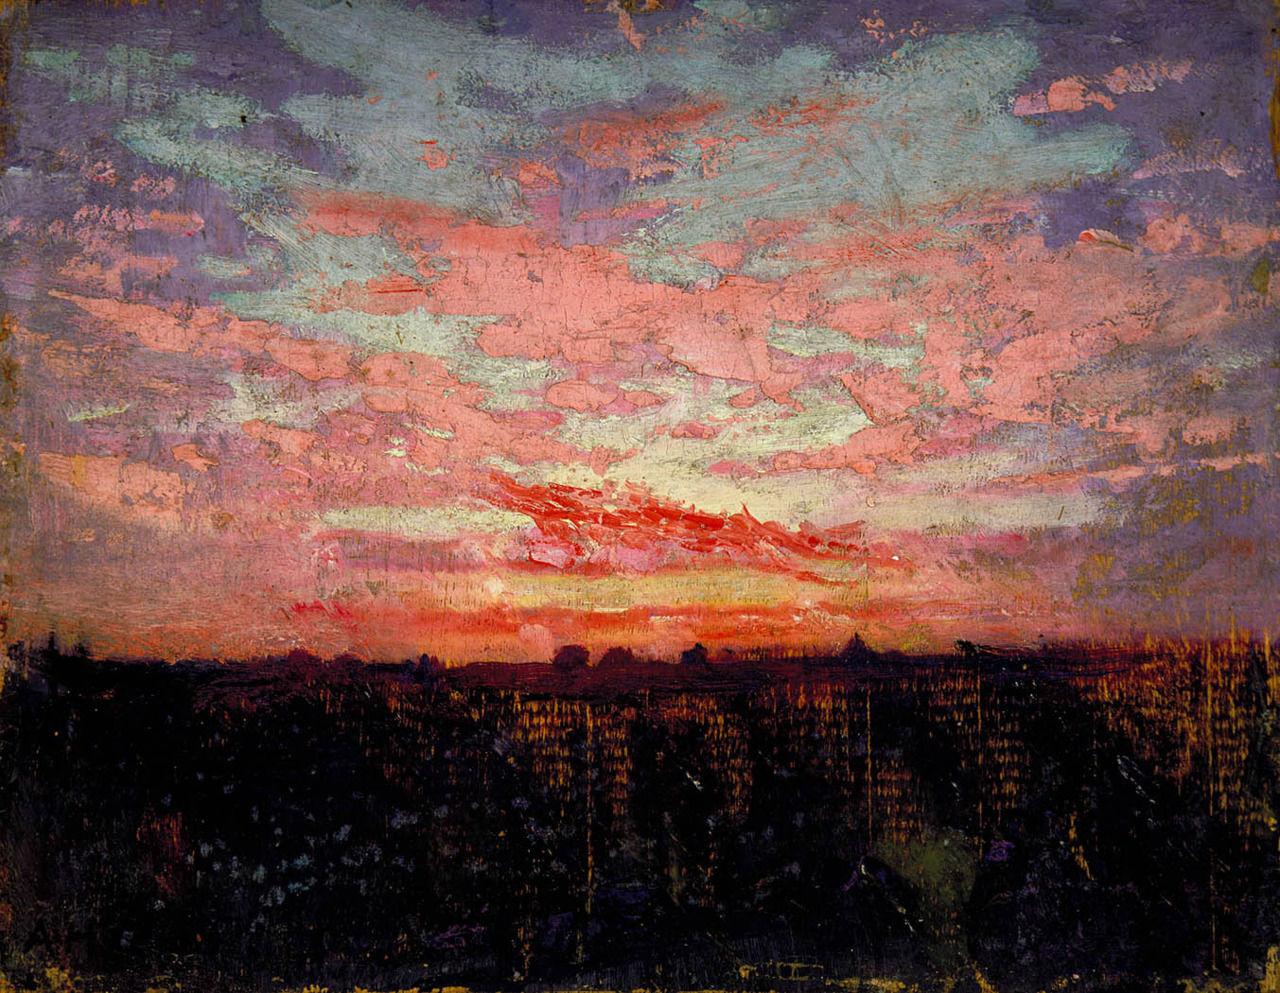 Abbott Handerson Thayer - Sunset